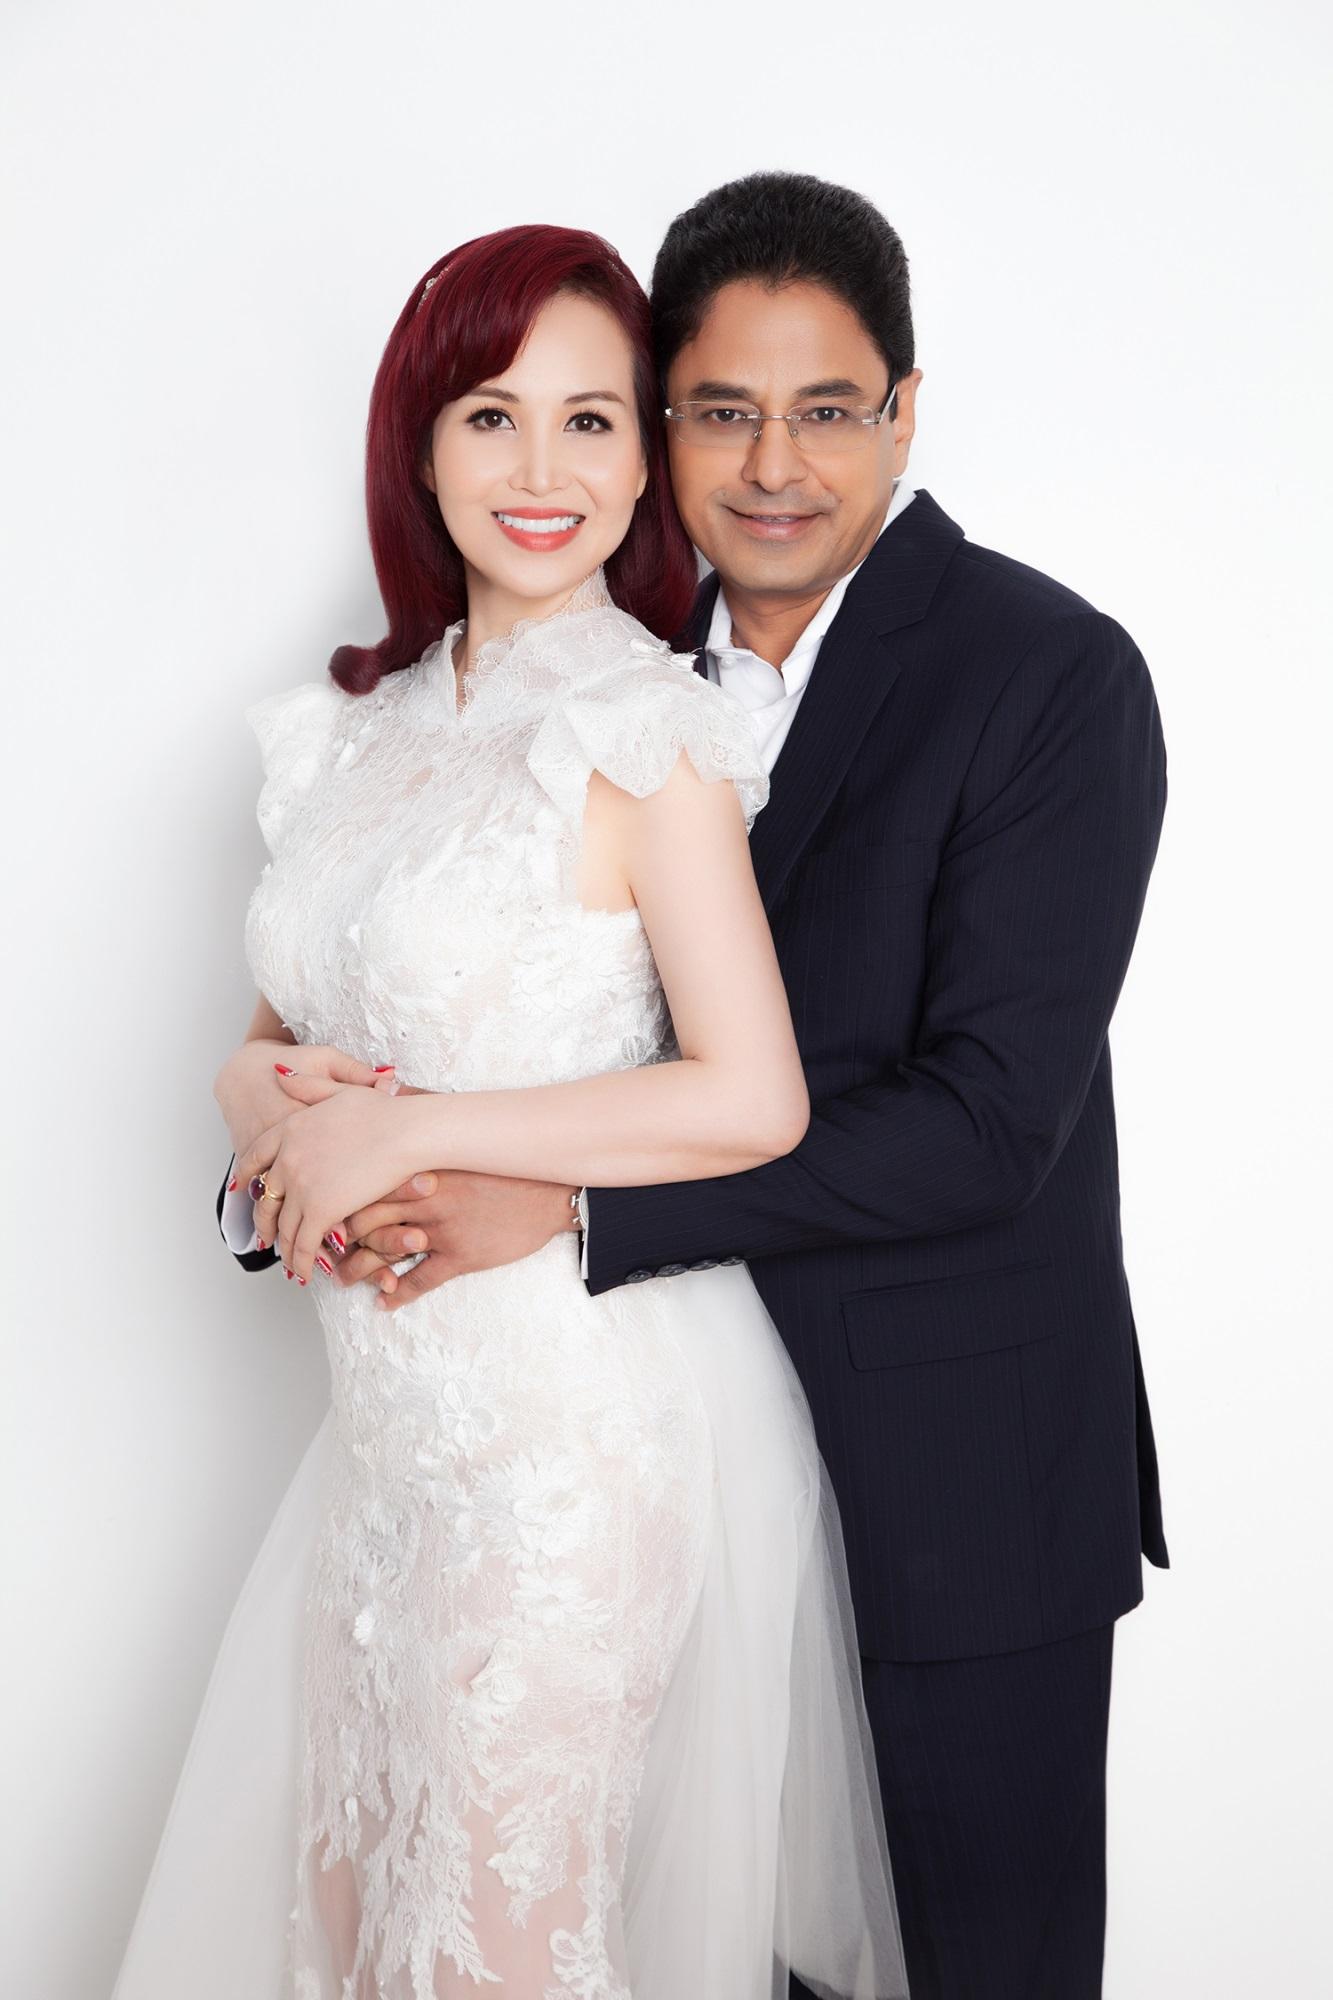 Hoa hậu Diệu Hoa và chồng đại gia Ấn Độ chụp ảnh kỉ niệm 25 năm ngày cưới - Ảnh 2